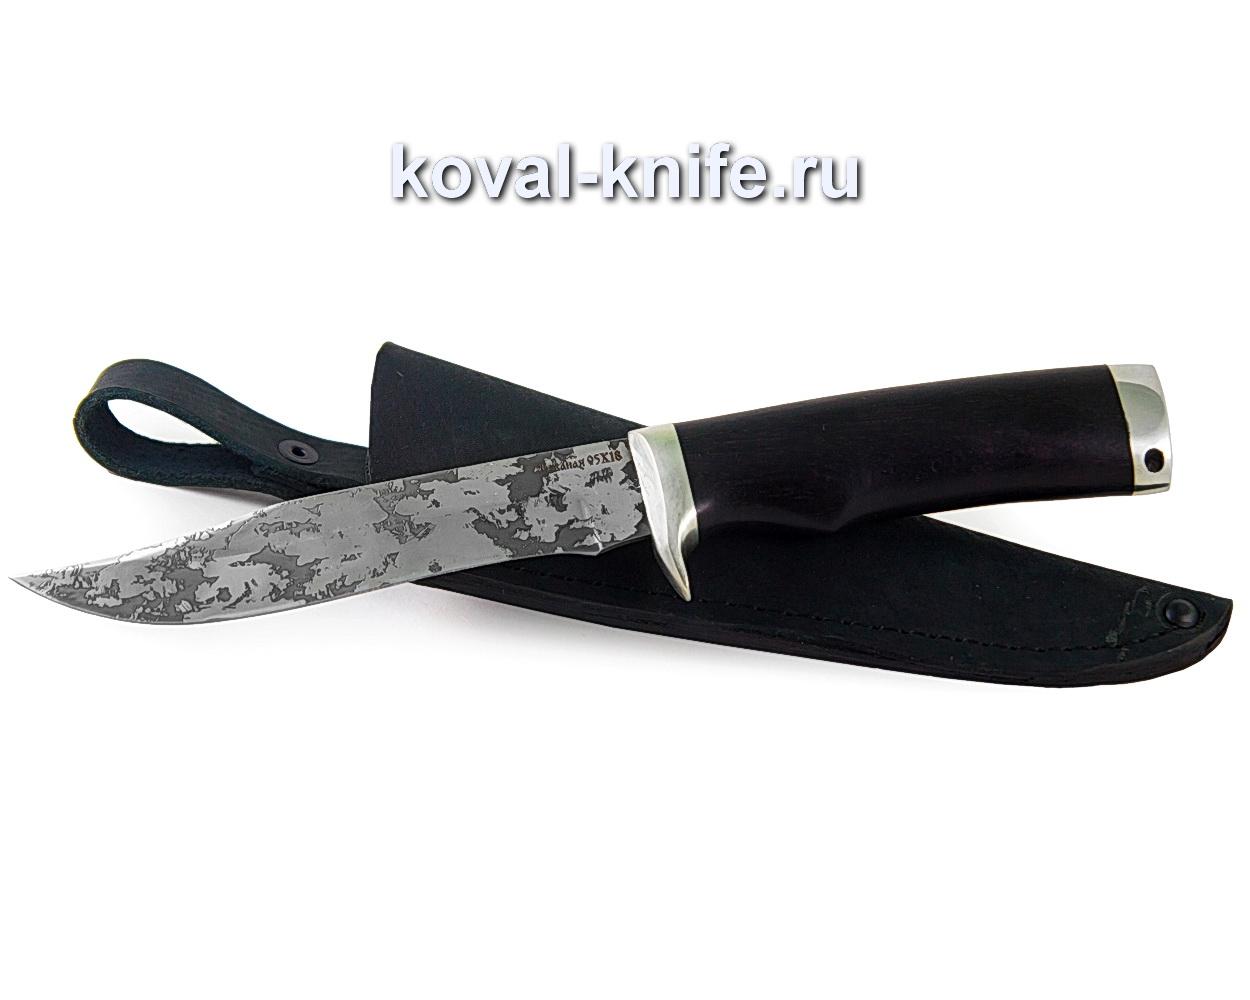 Нож Викинг из стали 95х18 (рукоять граб, гарда и пятка-мельхиор, травление)